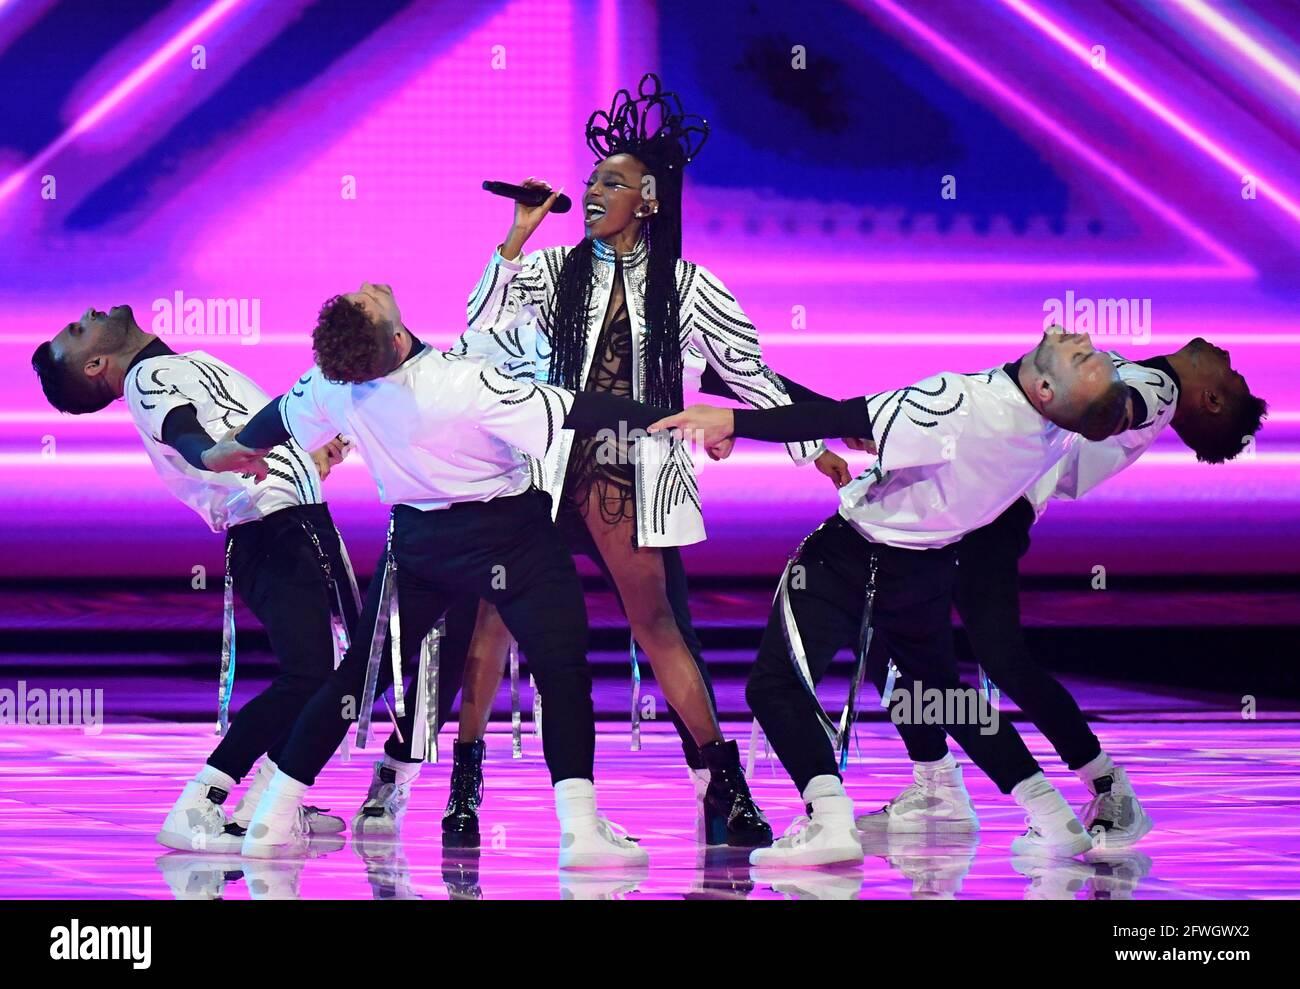 Der Teilnehmer Eden Alene aus Israel tritt beim Finale des Eurovision Song Contest 2021 in Rotterdam, Niederlande, am 22. Mai 2021 auf. REUTERS/Piroschka van de Wouw Stockfoto